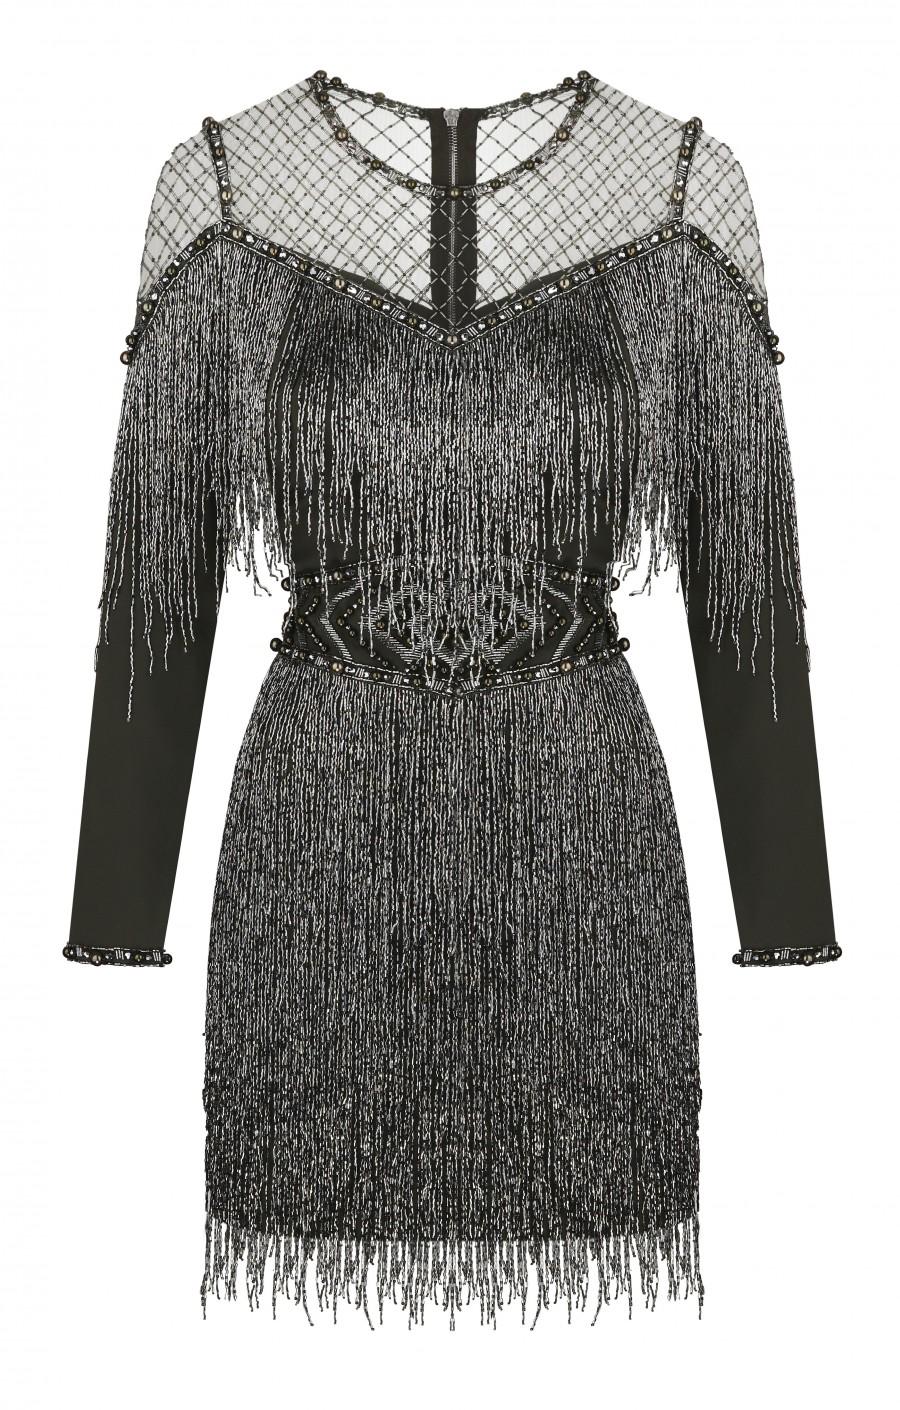 Хаки платье  с бахромой расшитое вручную